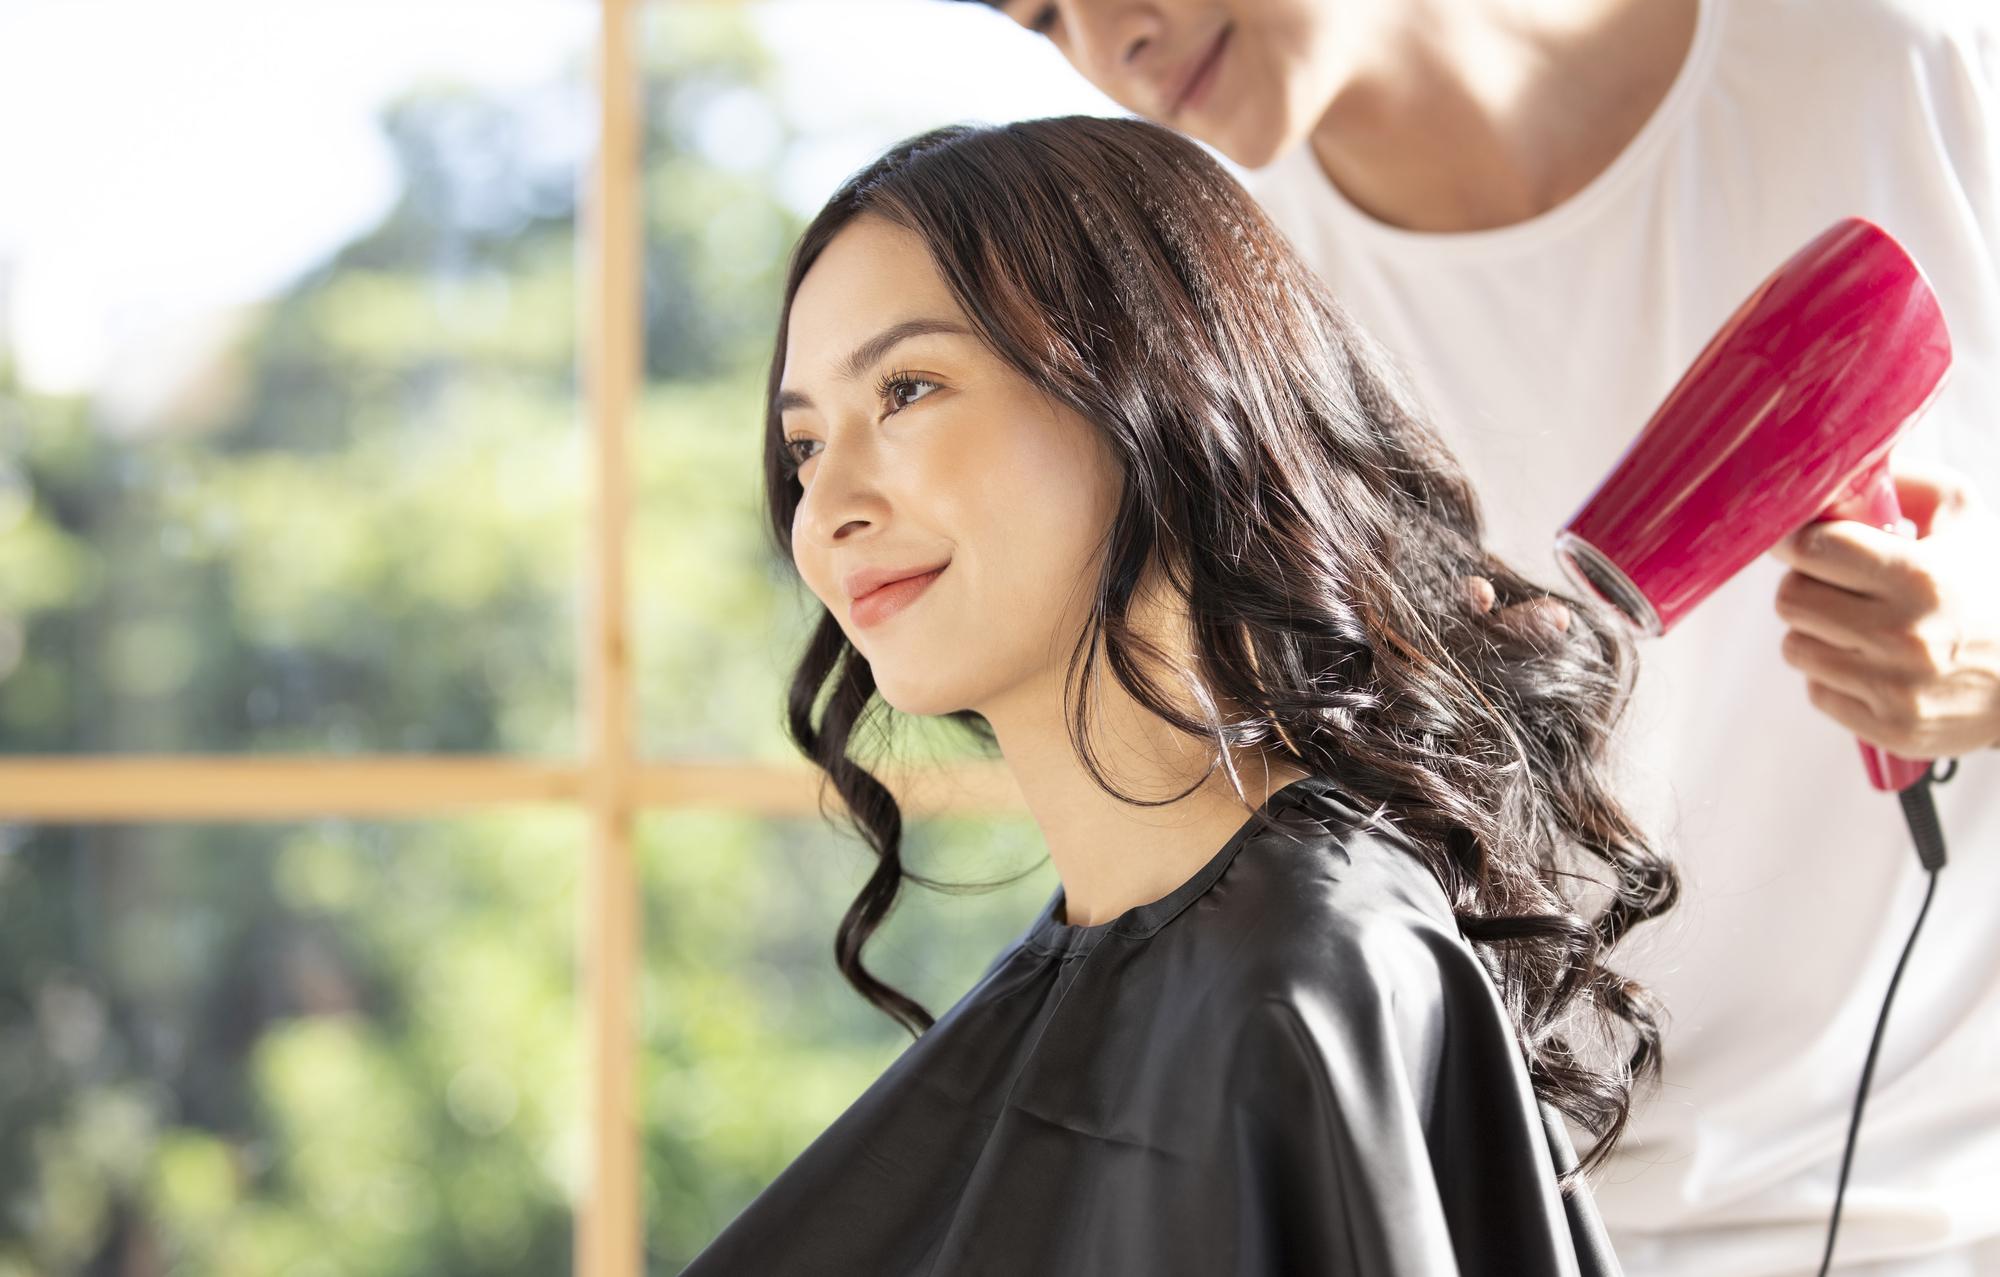 円形脱毛症はホルモンバランスが関係している?男女で異なるケースも